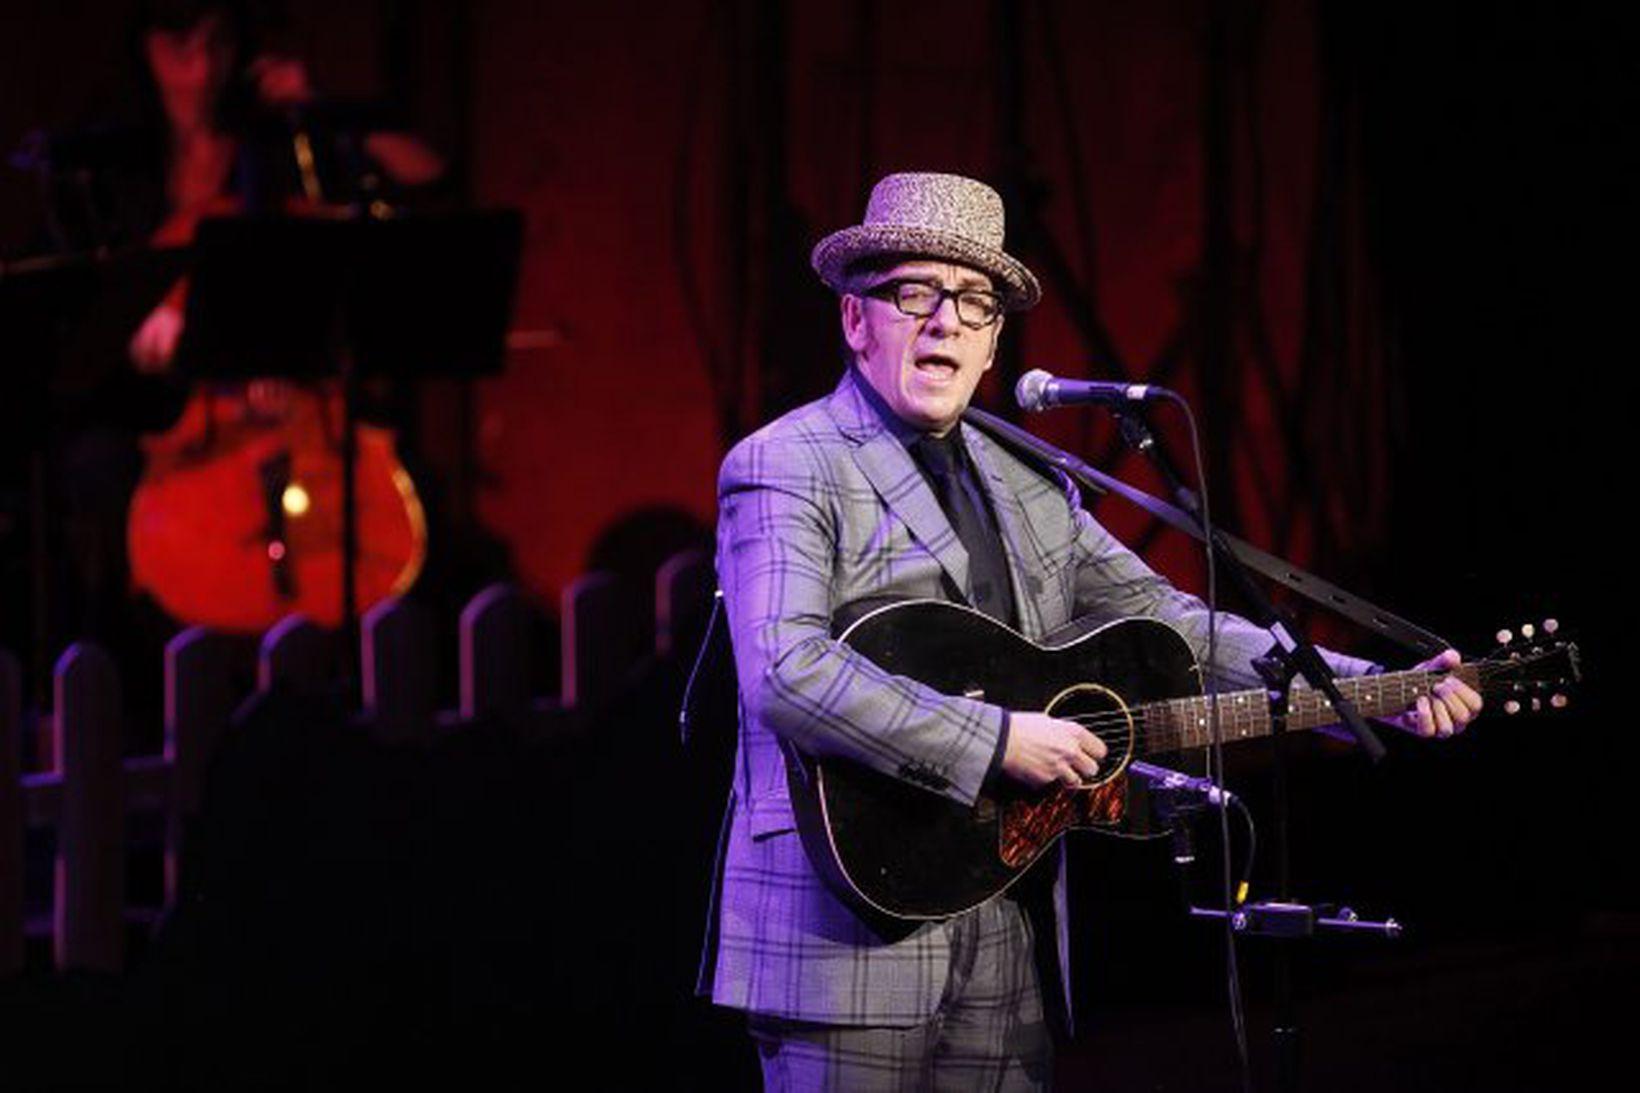 Elvis Costello hélt tónleika í Svíþjóð í gær.